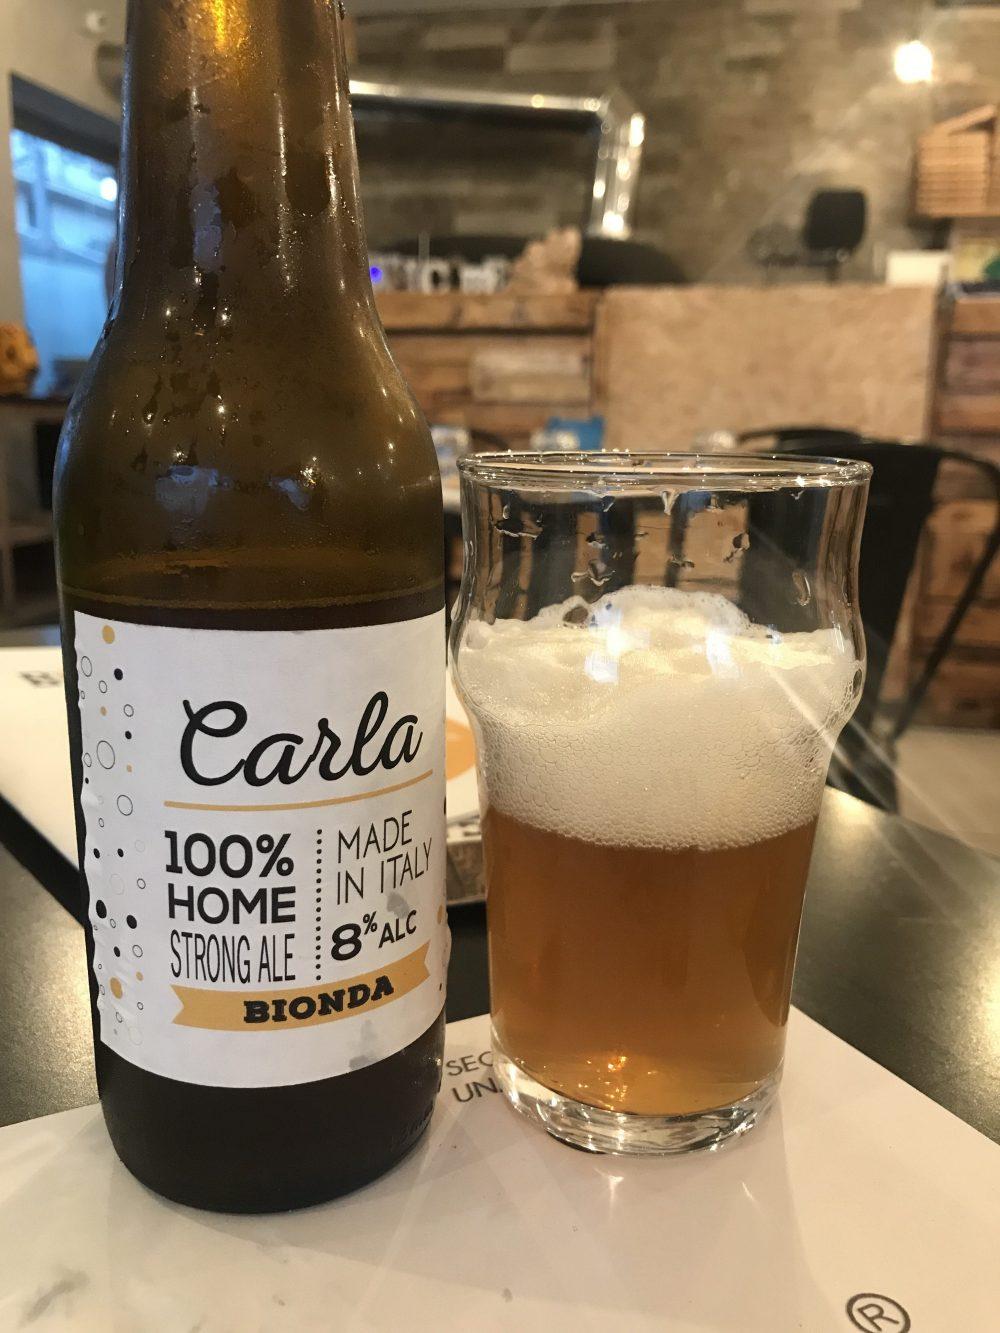 Birrodromo -Birra a marchio proprio